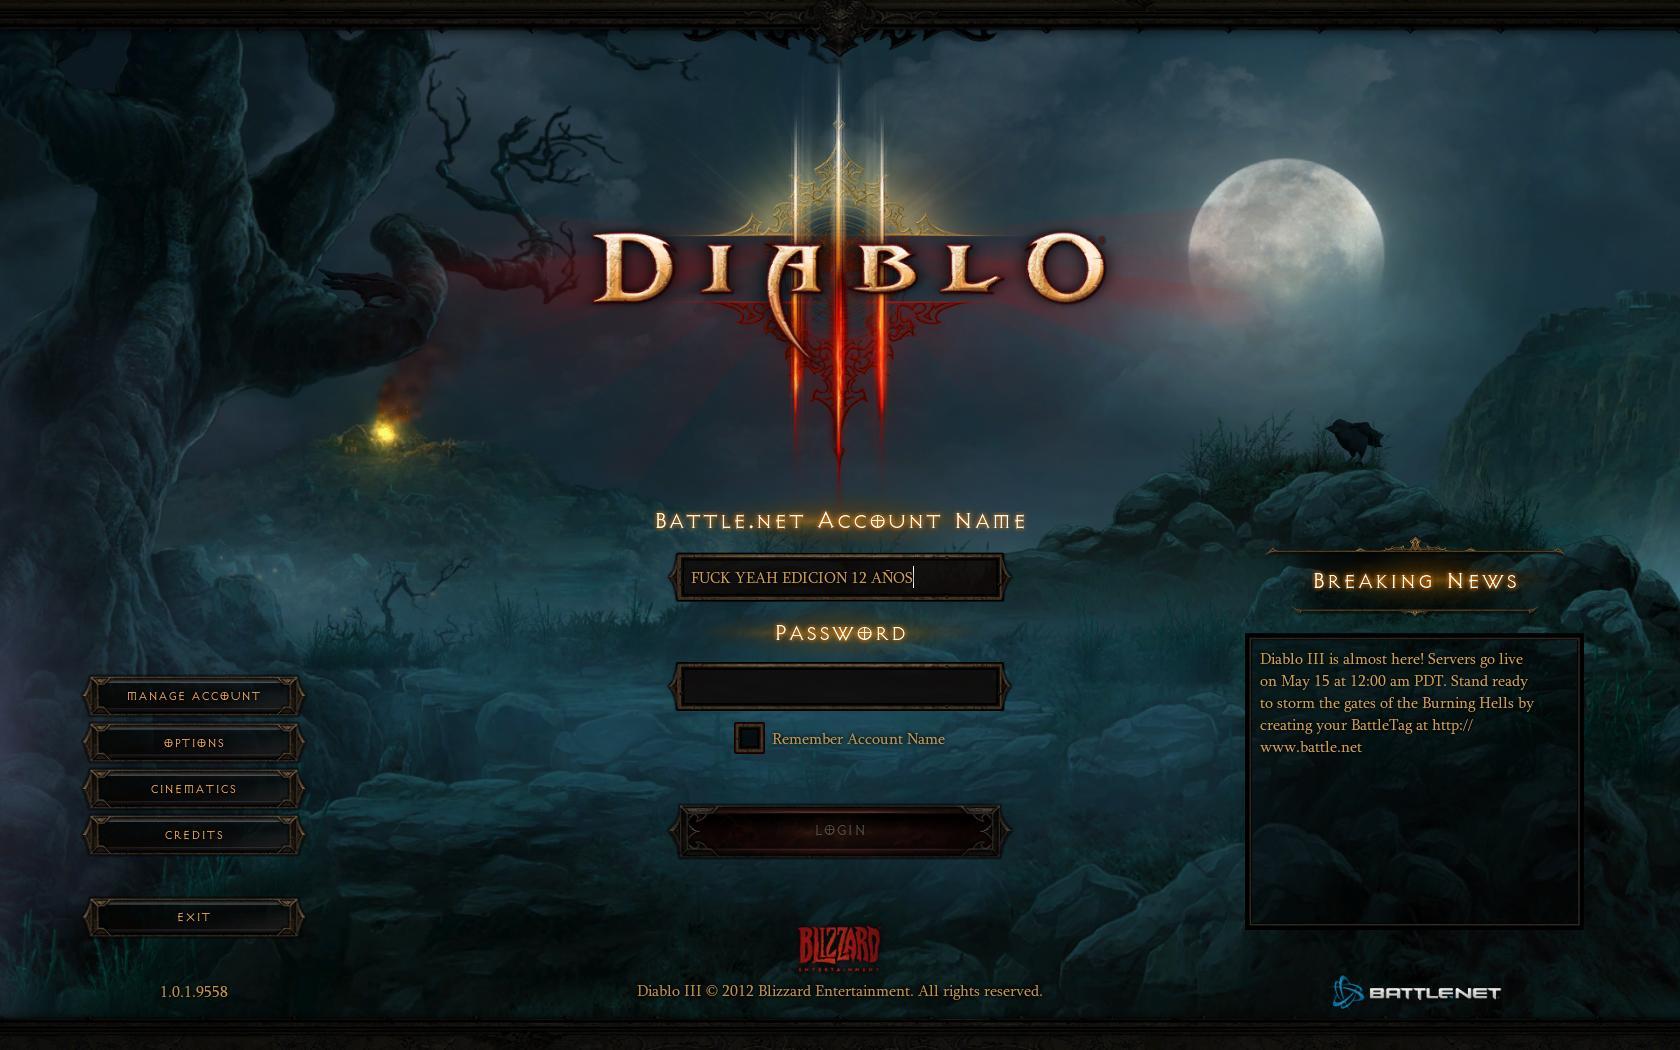 ¿Tienes tus primeras impresiones de Diablo III? cuéntanos! [SPEAK!]